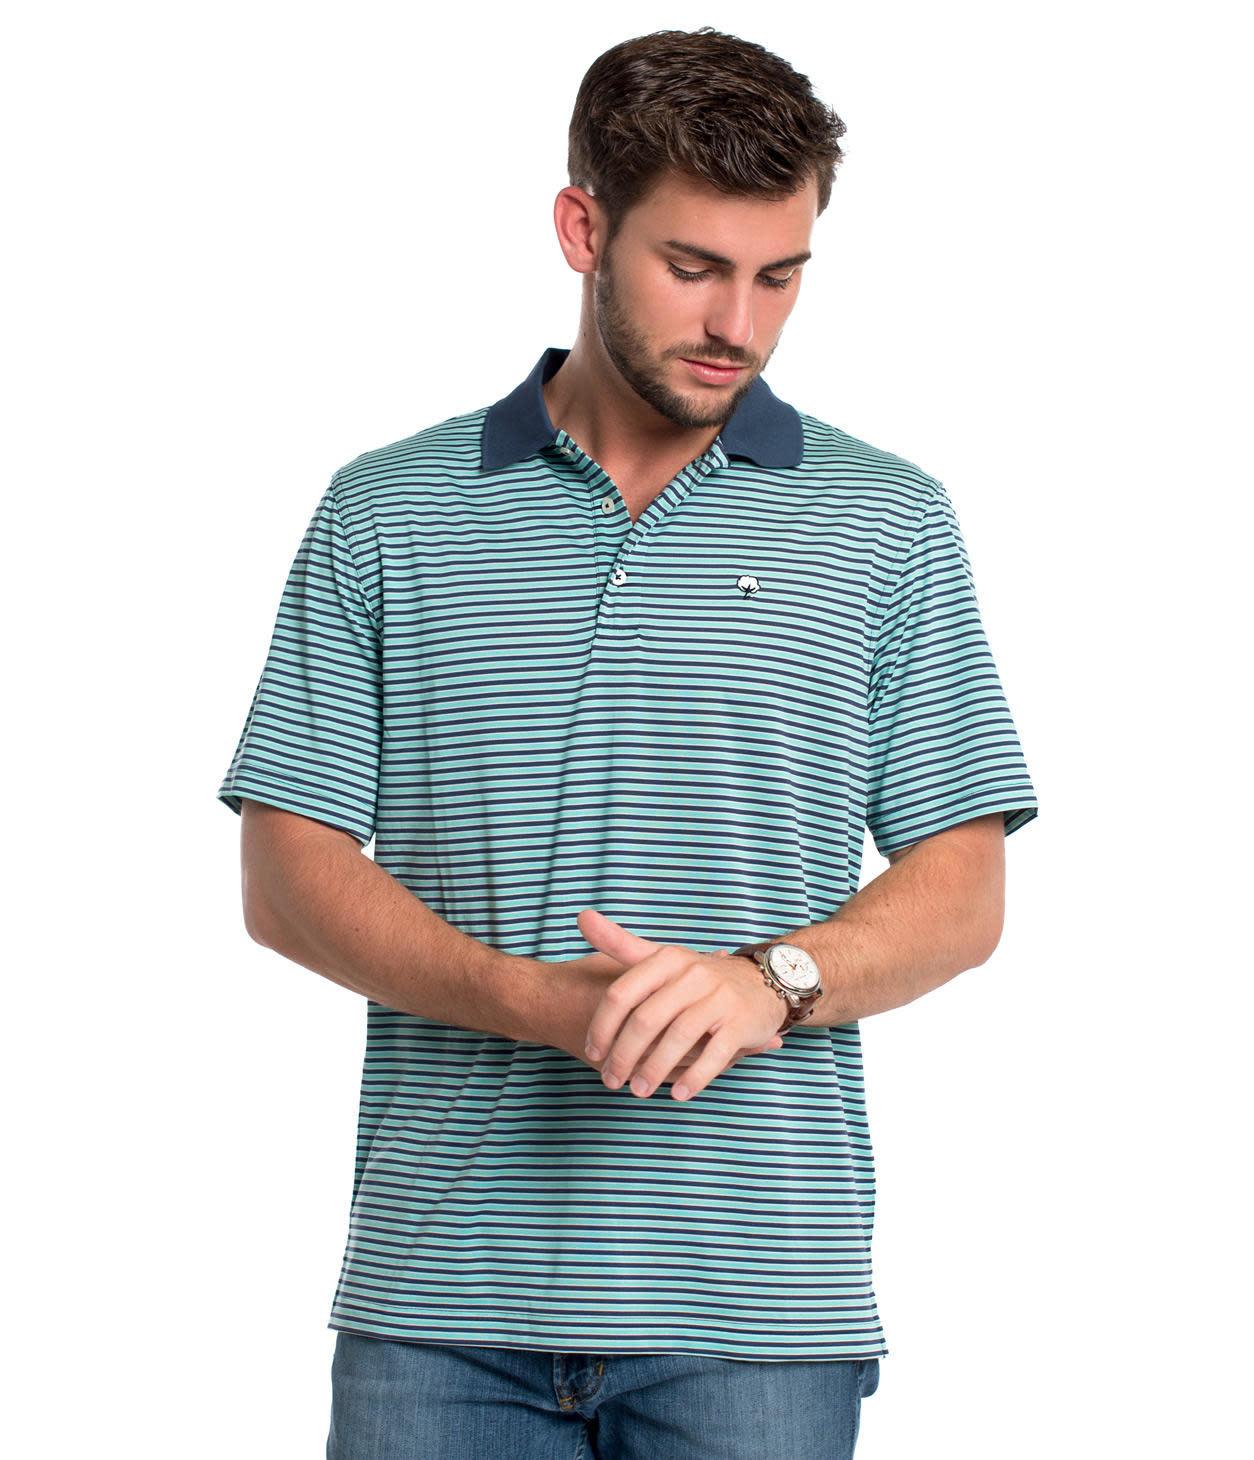 Southern Shirt Vicksburg Stripe Polo